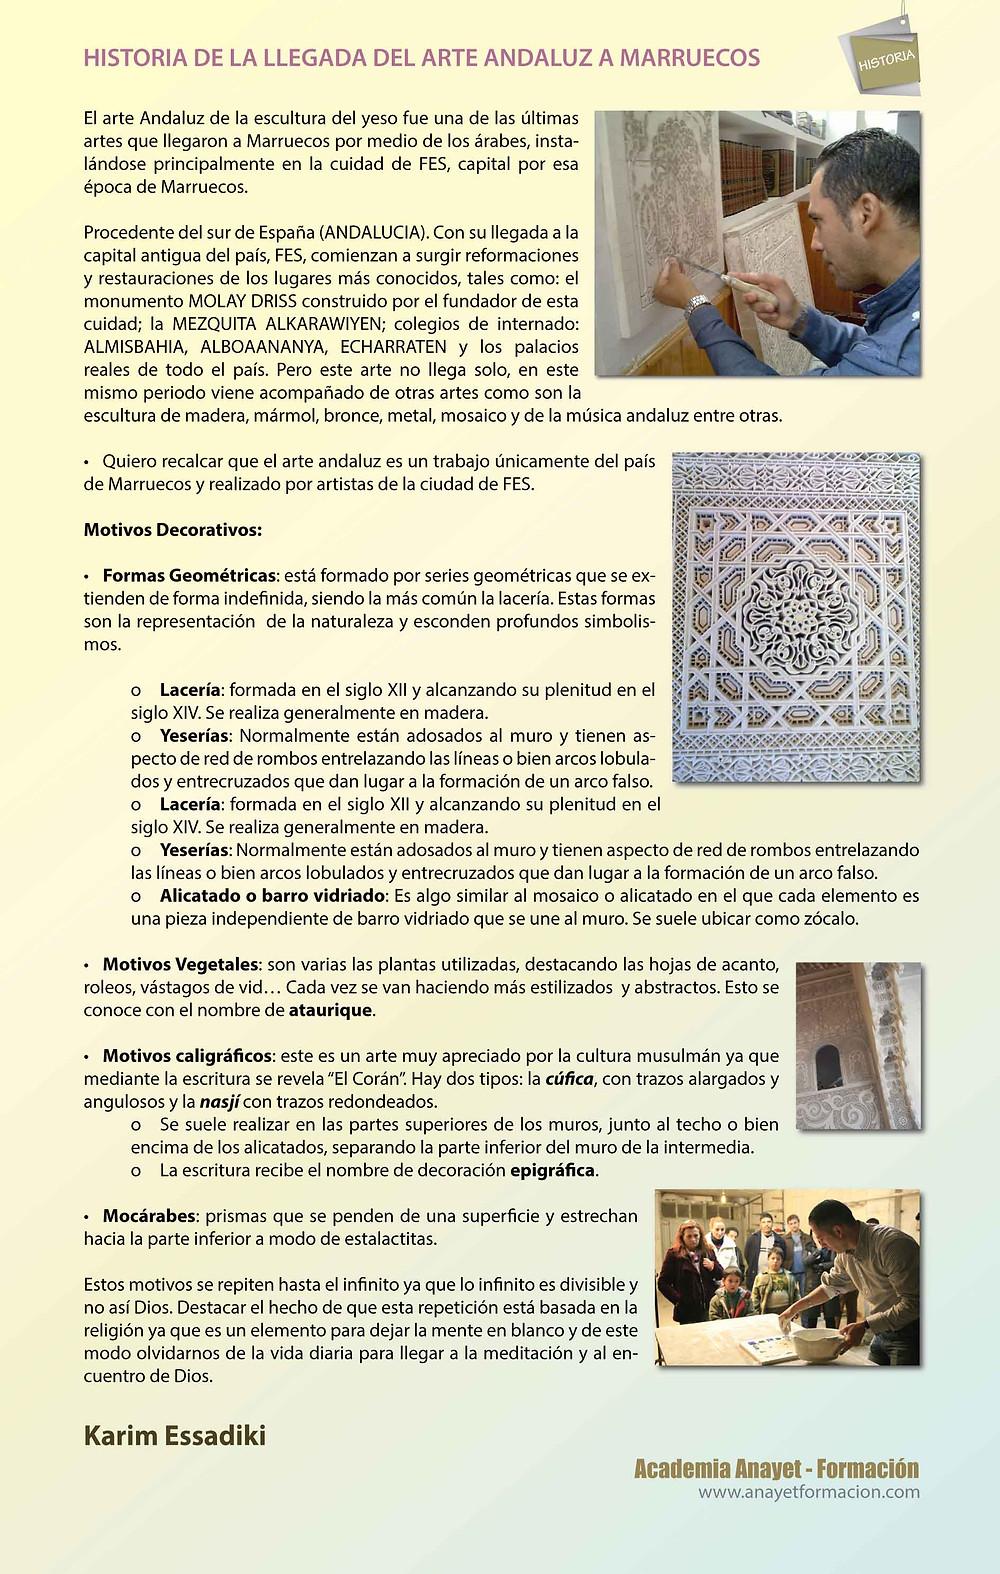 HISTORIA DE LA LLEGADA DEL ARTE ANDALUZ A MARRUECOS